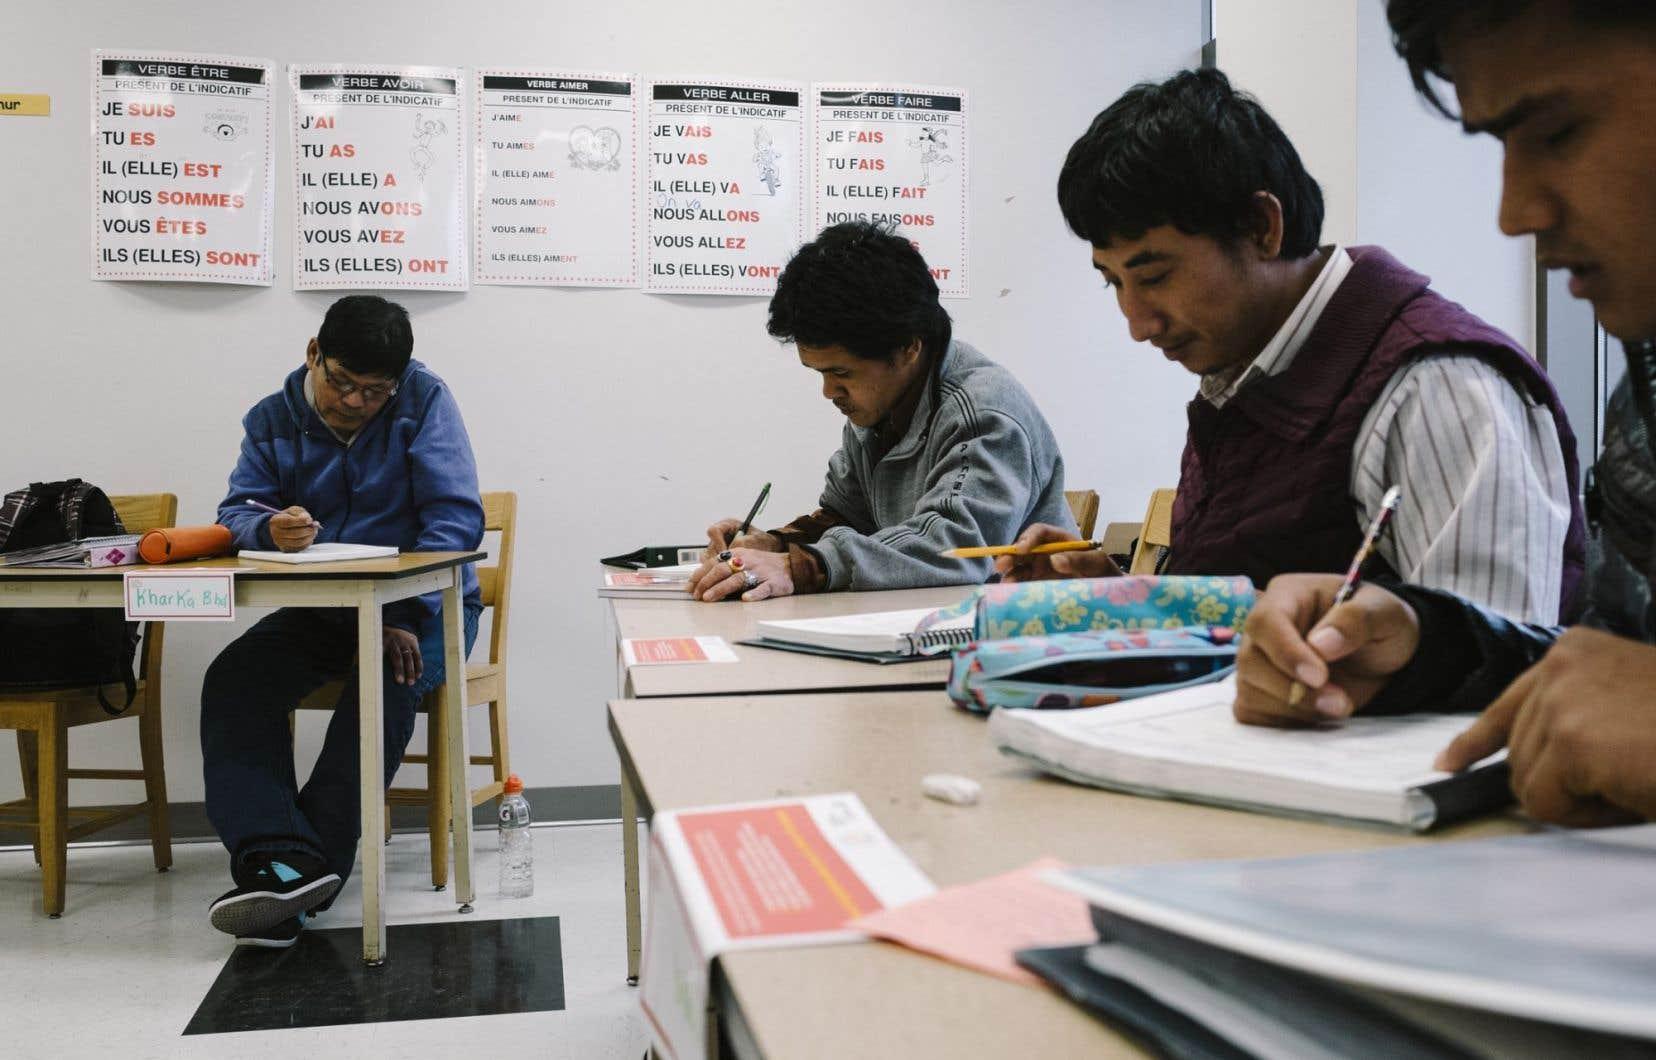 Une classe de francisation à Québec: 60 % des immigrants adultes refusent de suivre les cours de français qui leur sont offerts gratuitement.